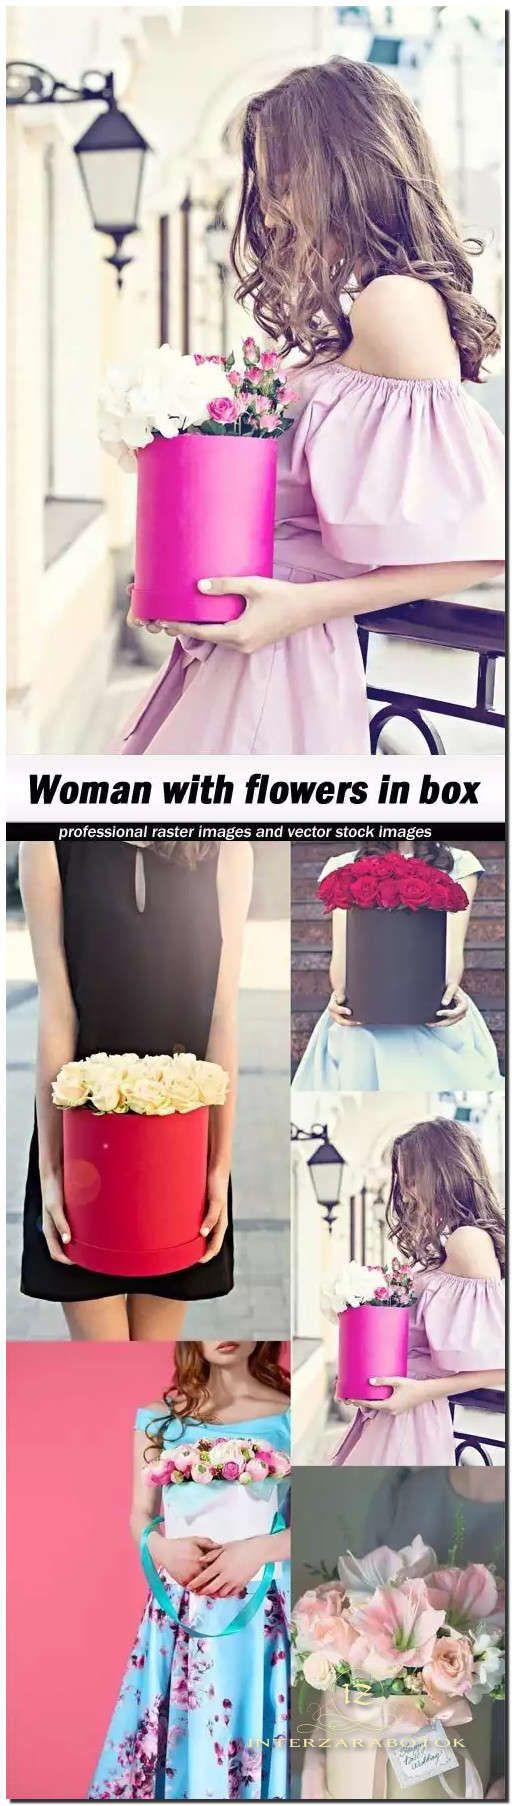 Девушка с цветами в коробке - 5 JPEG UHQ.5 UHQ JPEG | 4912X7360 | 300 DPI | 29МБ